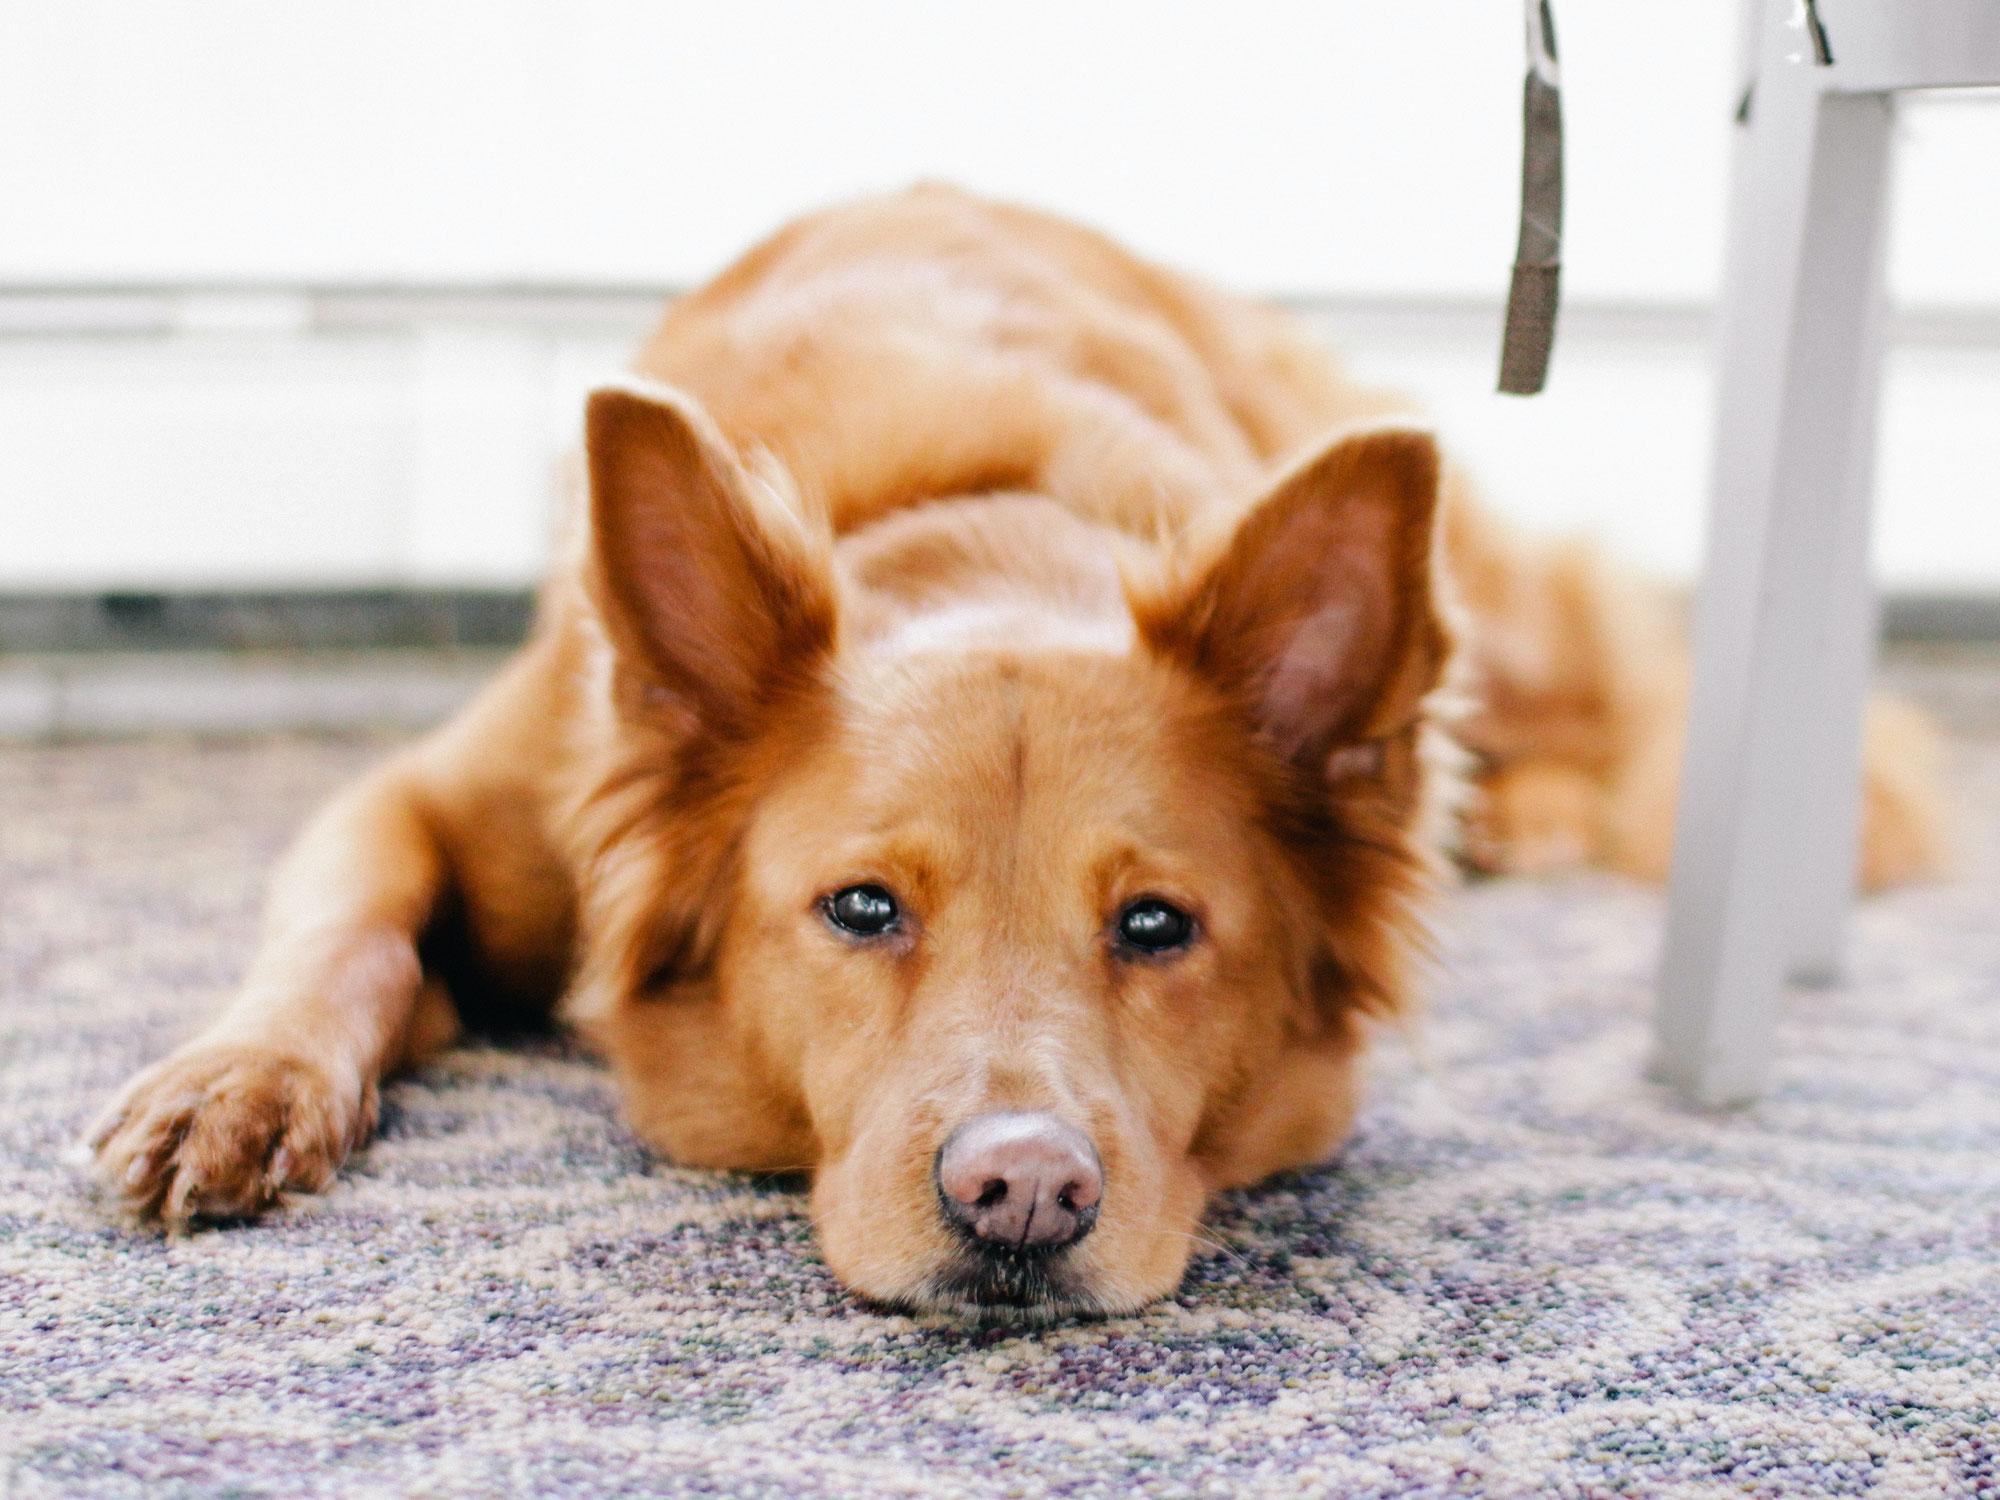 Hundekot & Plastikmüll - wir können das besser, oder?